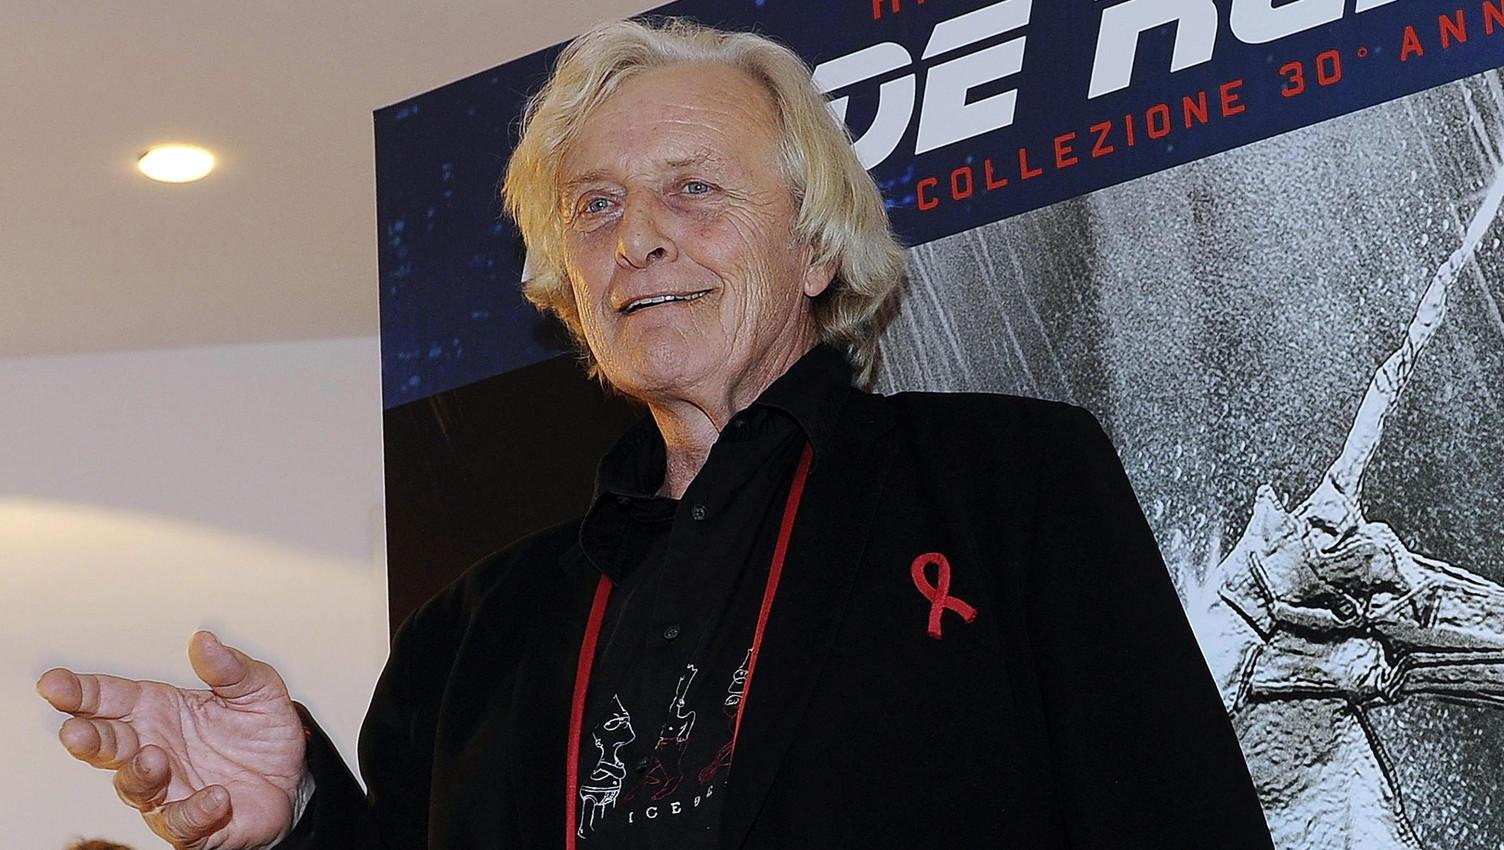 Rutger Hauer holland színész részt vesz a Szárnyas fejvadász (Blade Runner) című filmje bemutatójának 30. évfordulója alkalmából rendezett eseményen Milánóban 2012. október 18-án. (MTI/EPA/Daniel Dal Zennaro)